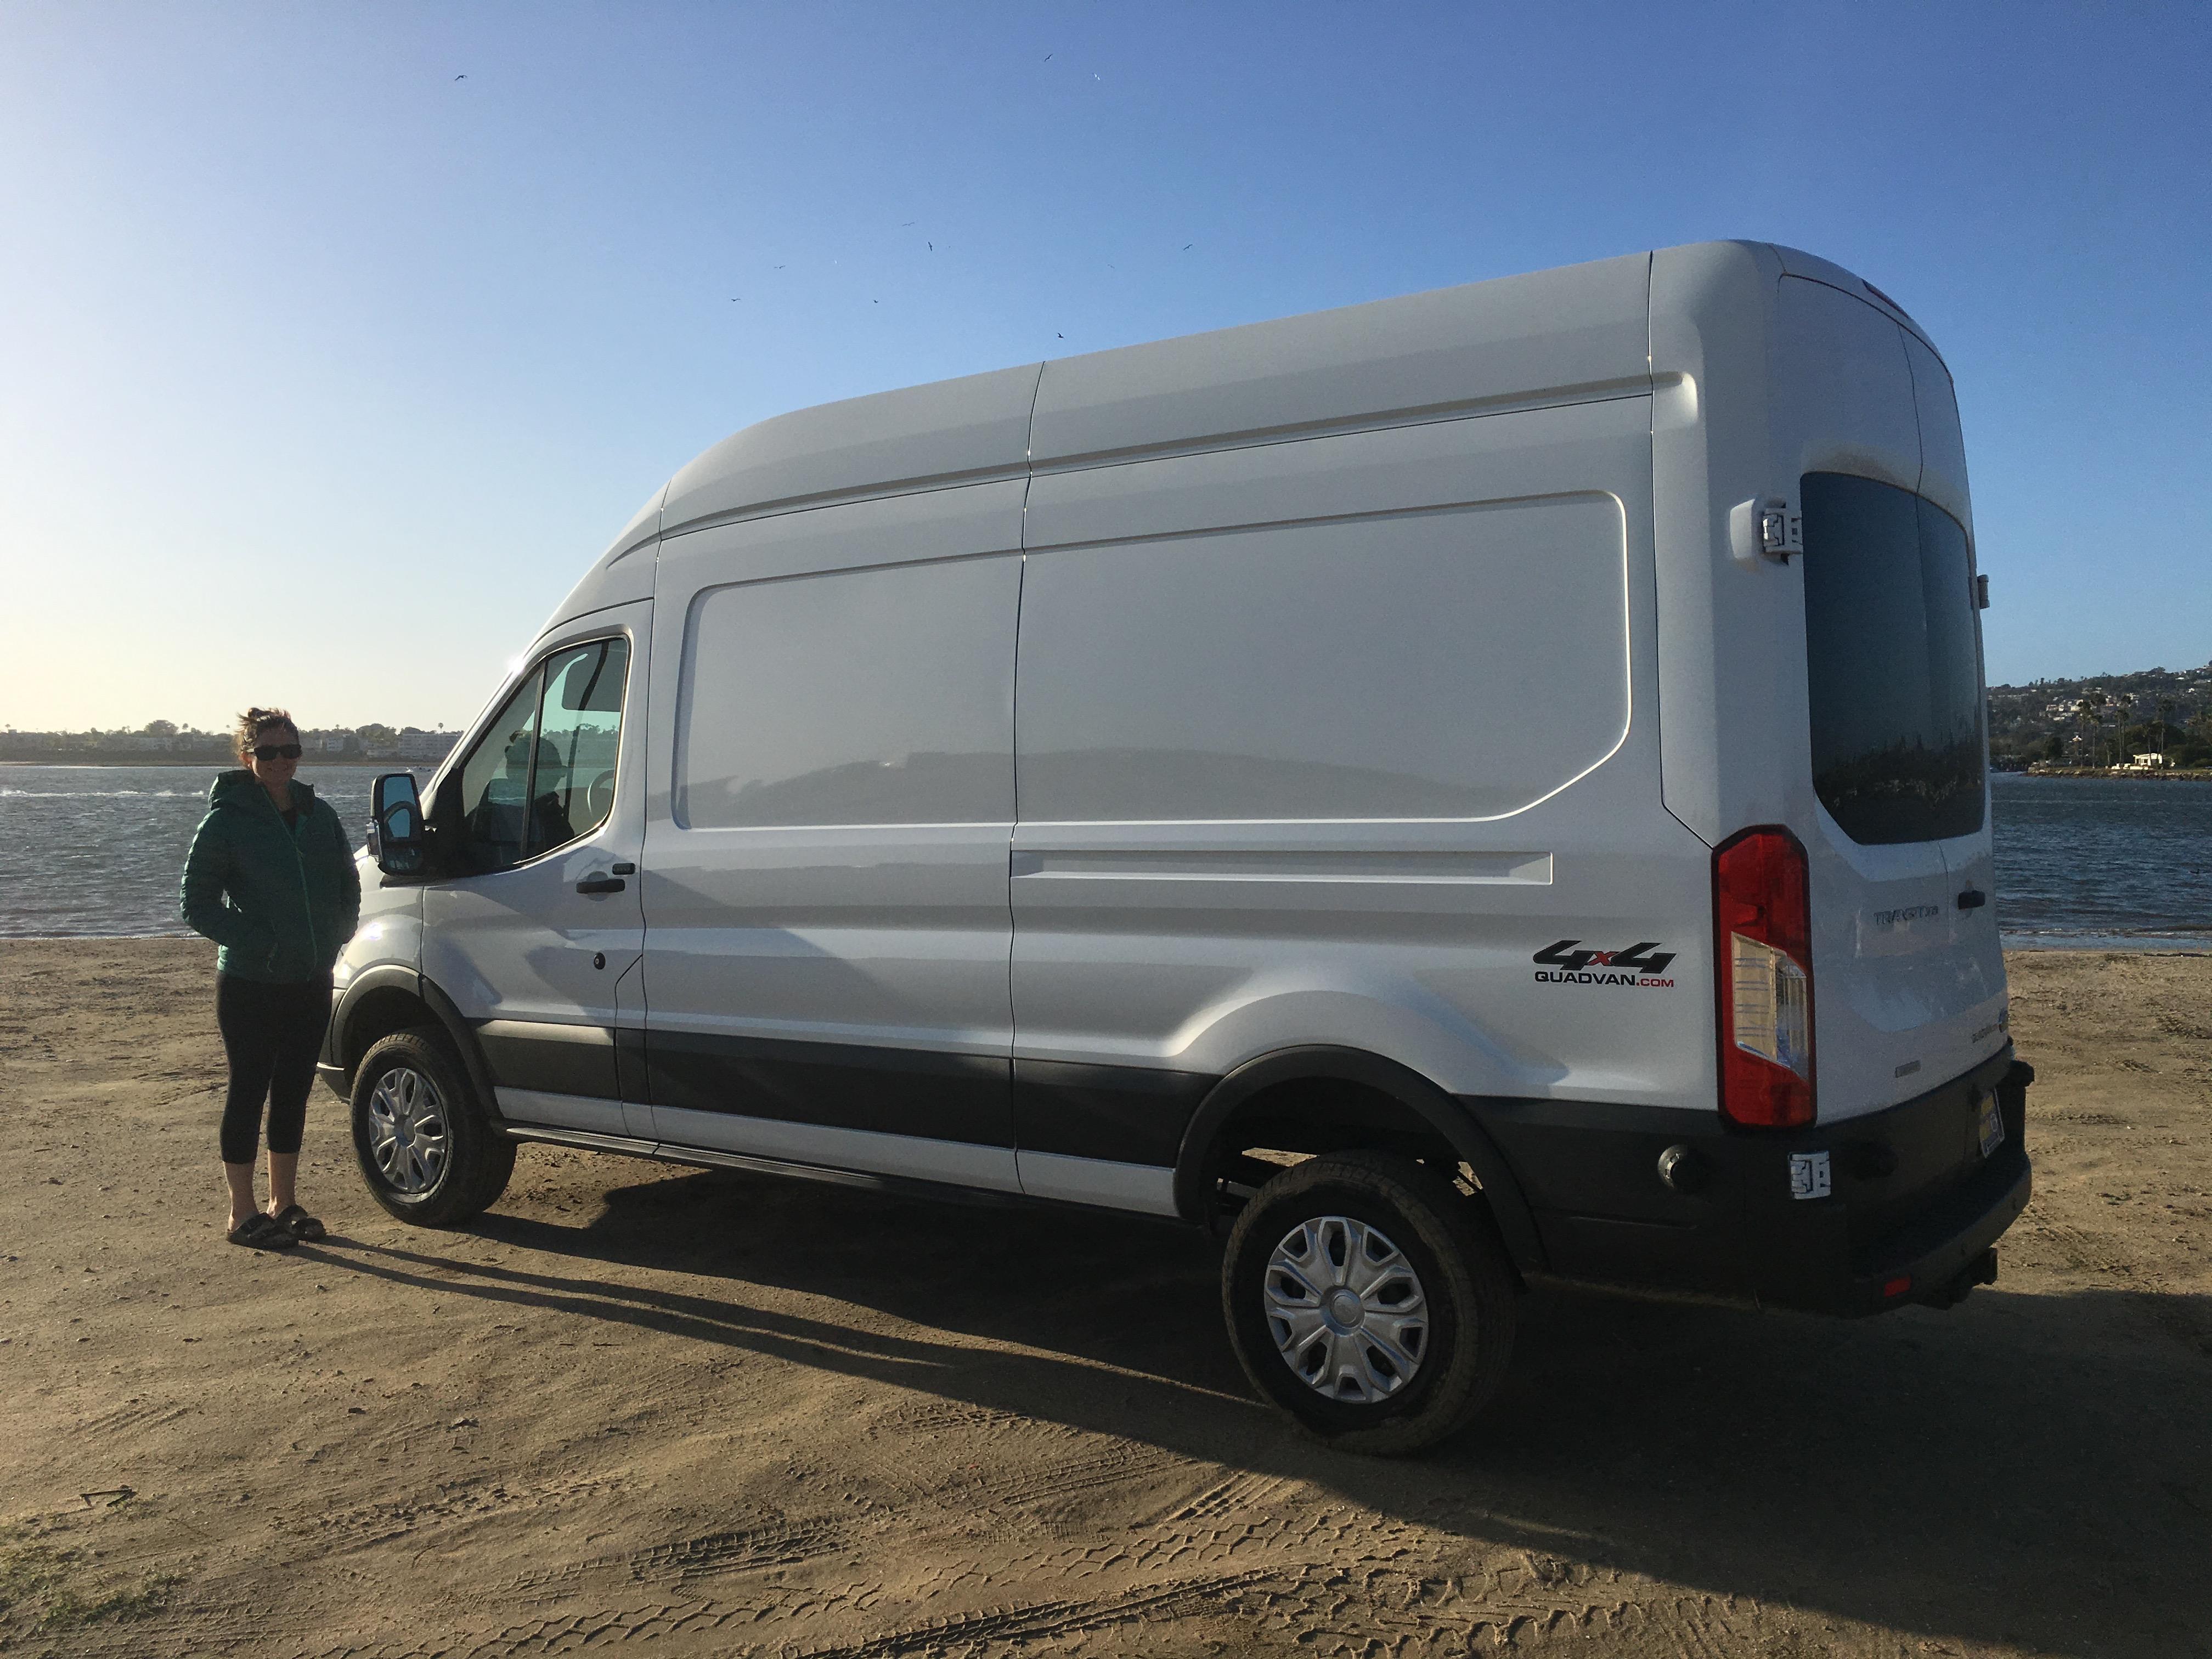 Introducing Gidget The Van